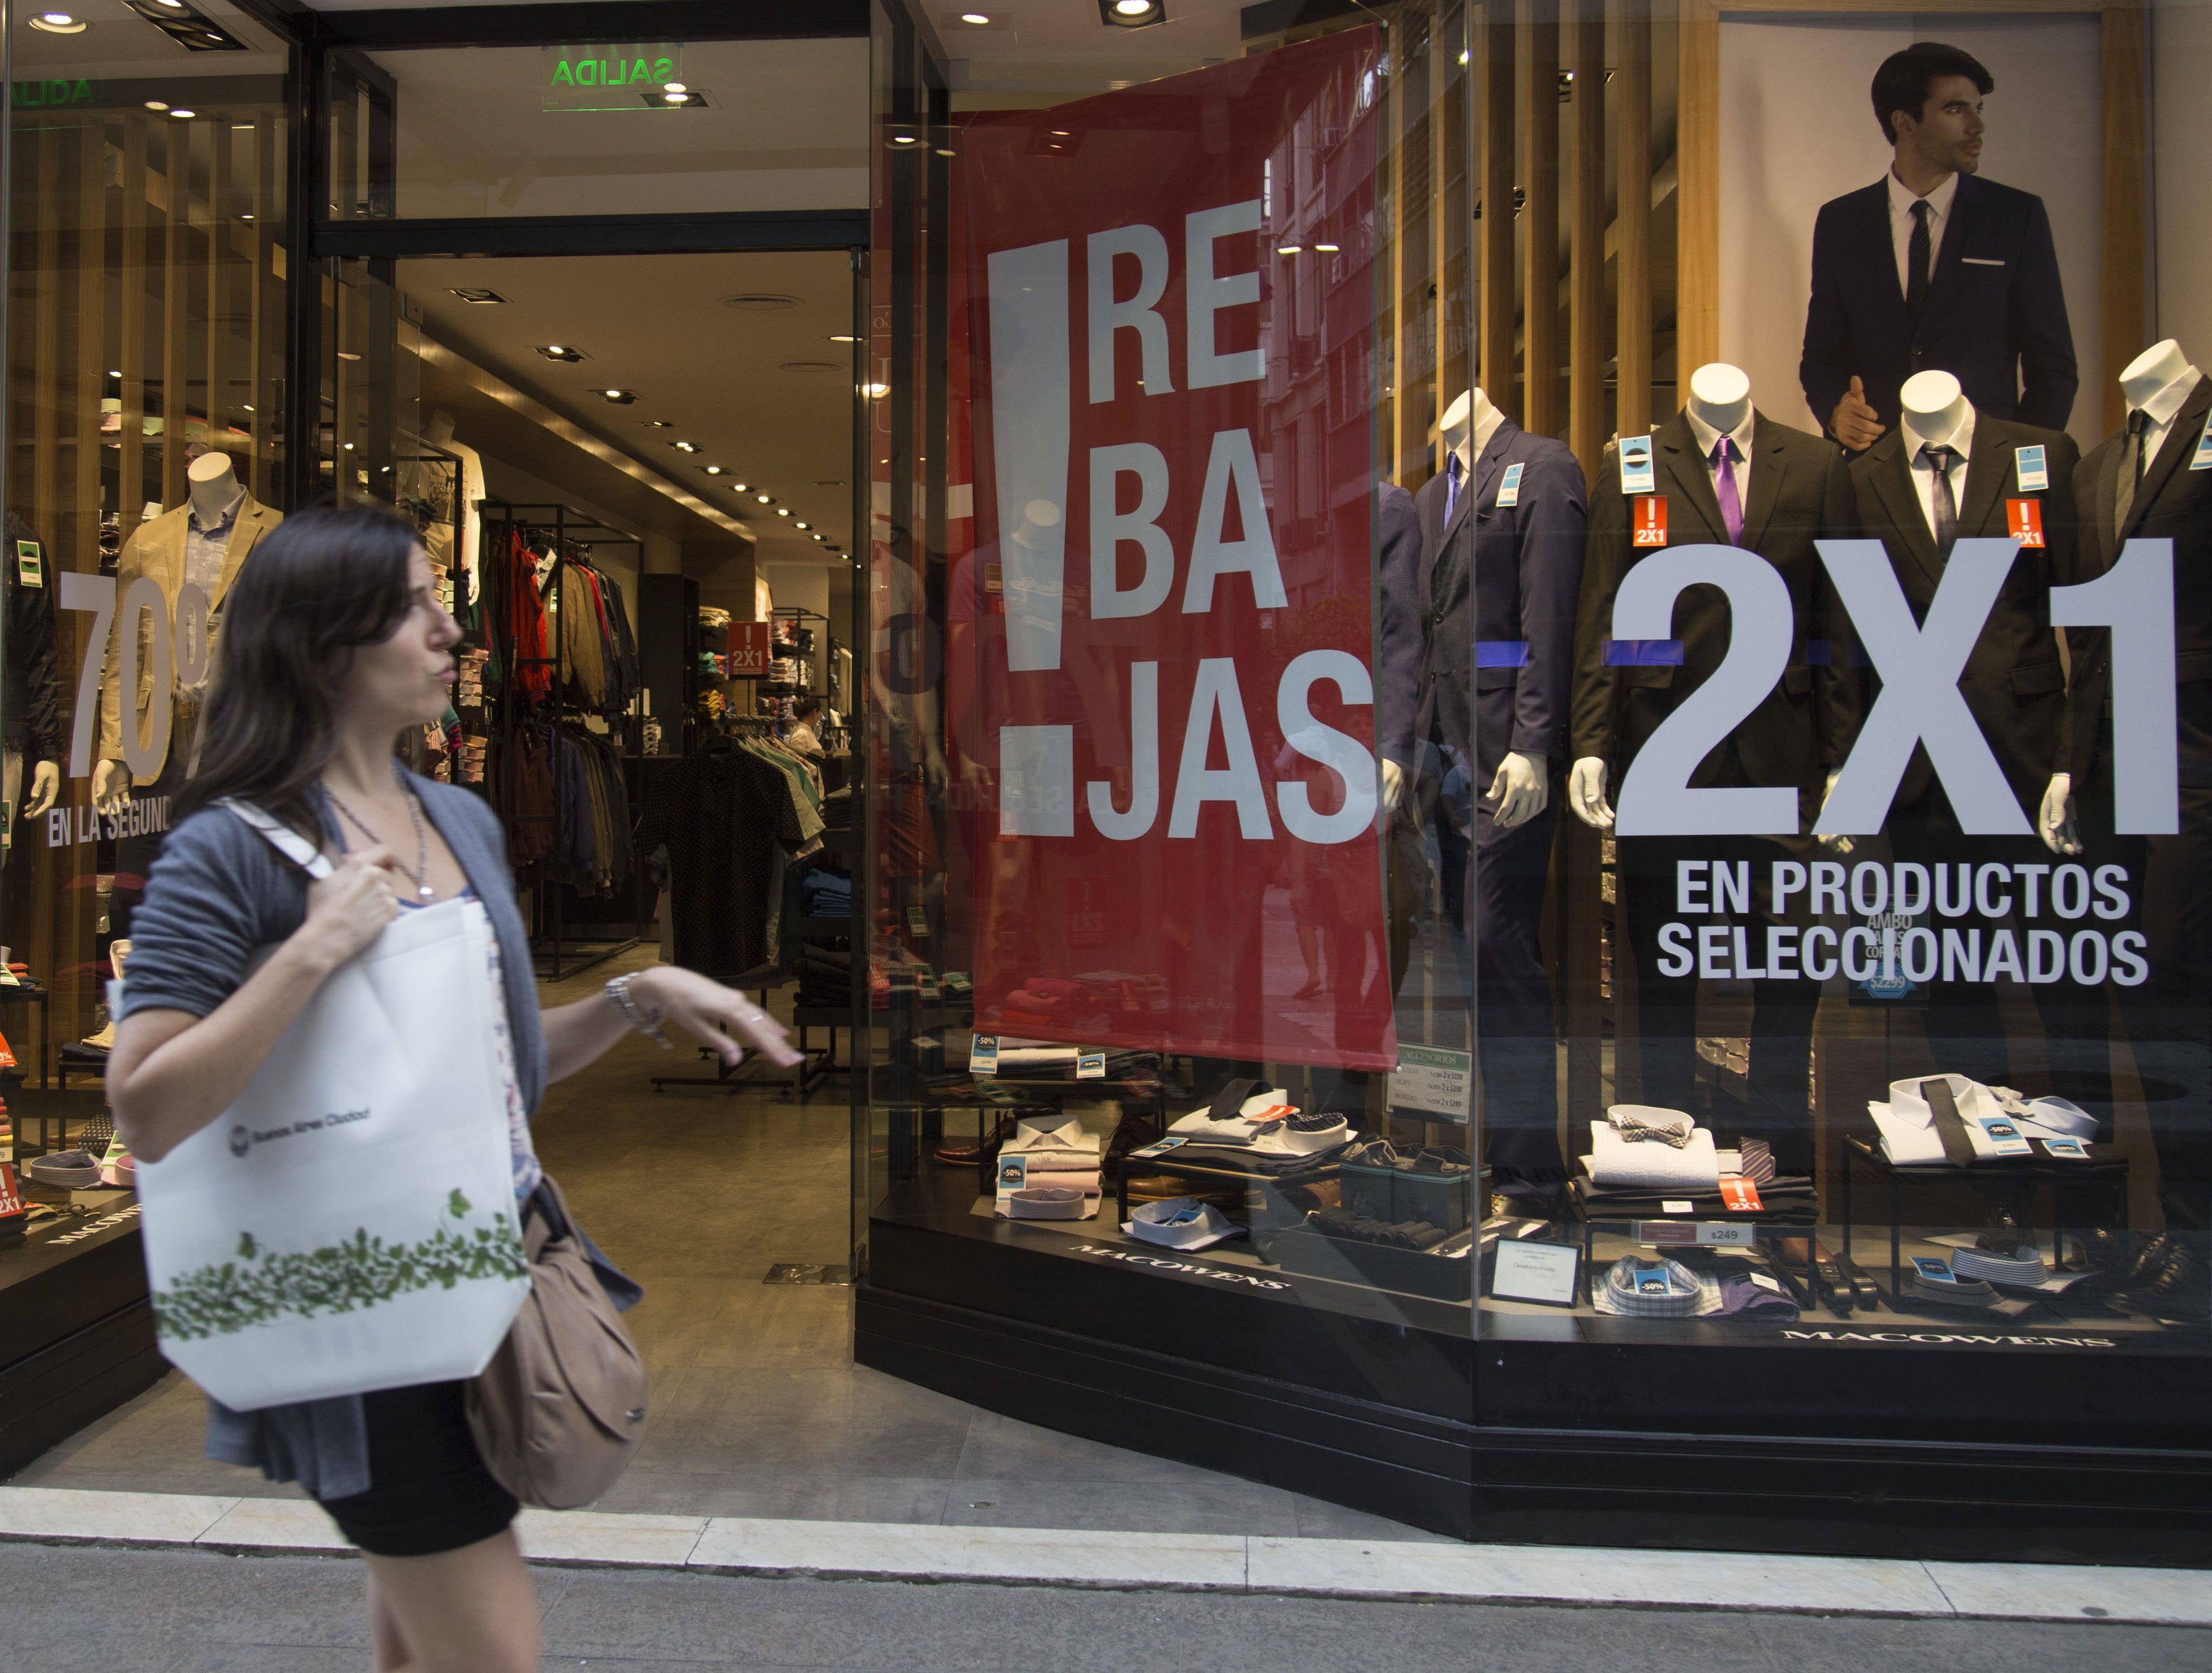 Los comercios ofrecen rebajas pero la gente mira para otro lado